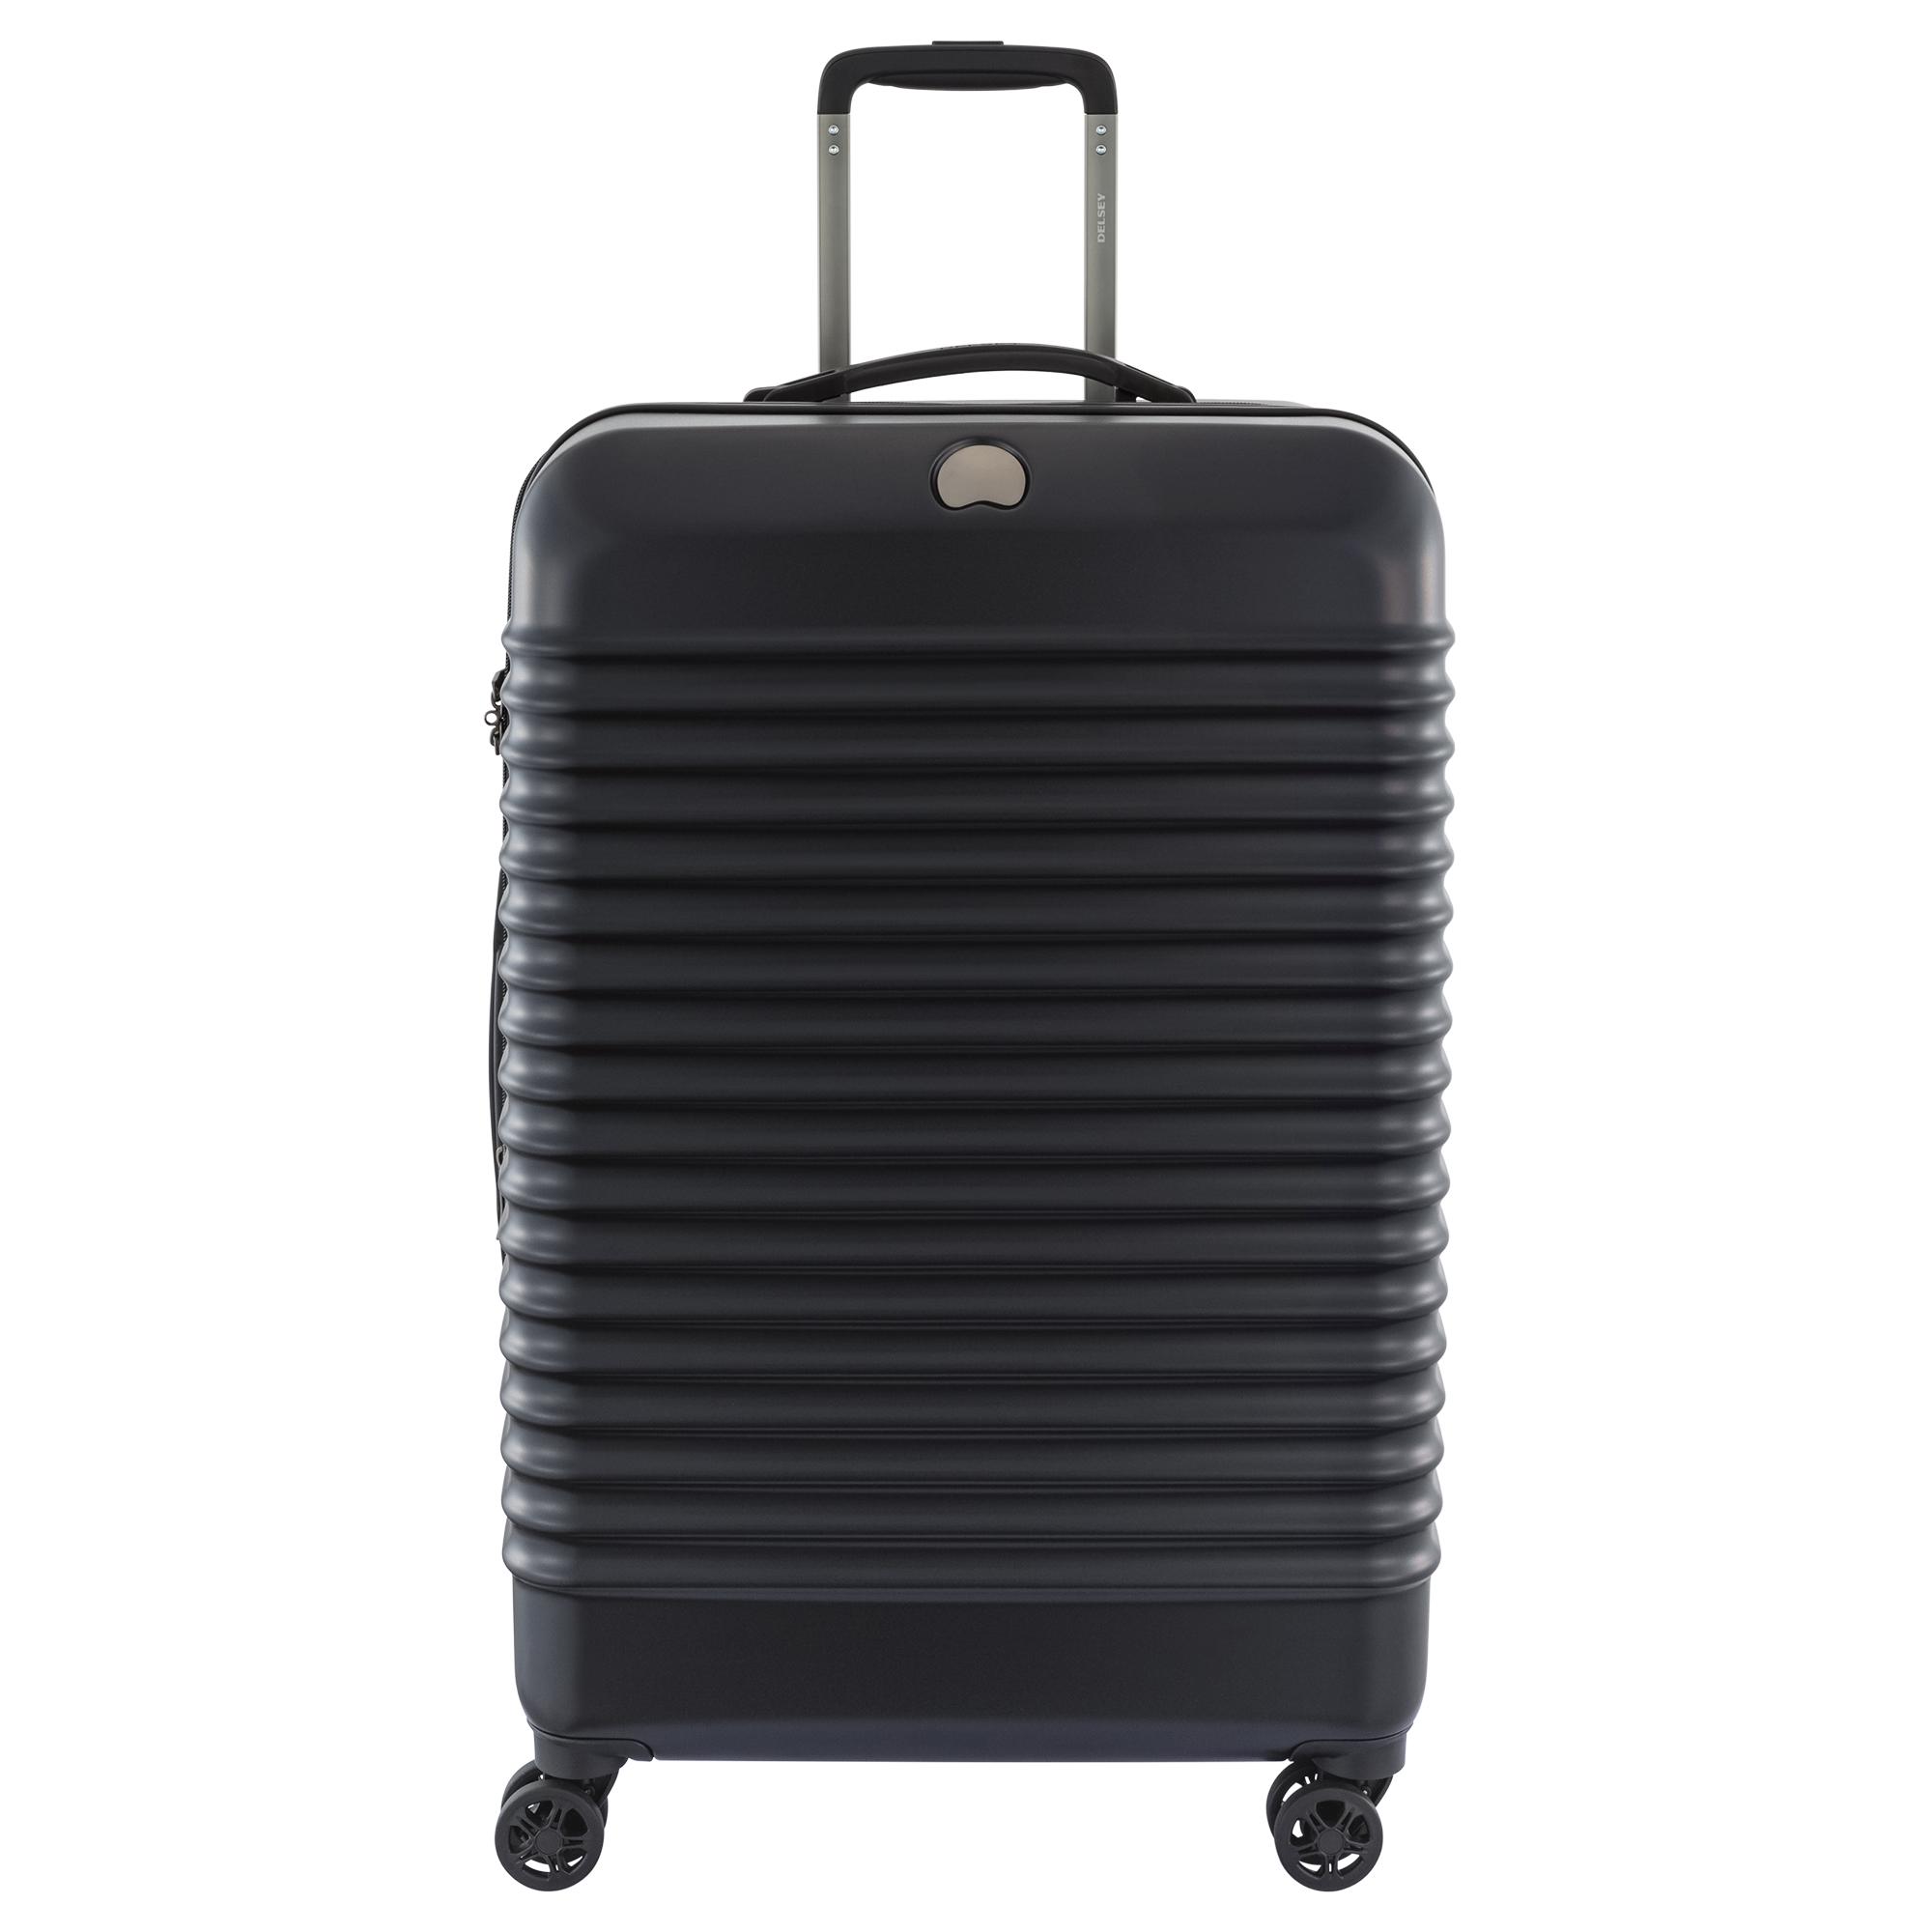 delsey paris bastille lite 3 piece expandable spinner trolley luggage set. Black Bedroom Furniture Sets. Home Design Ideas